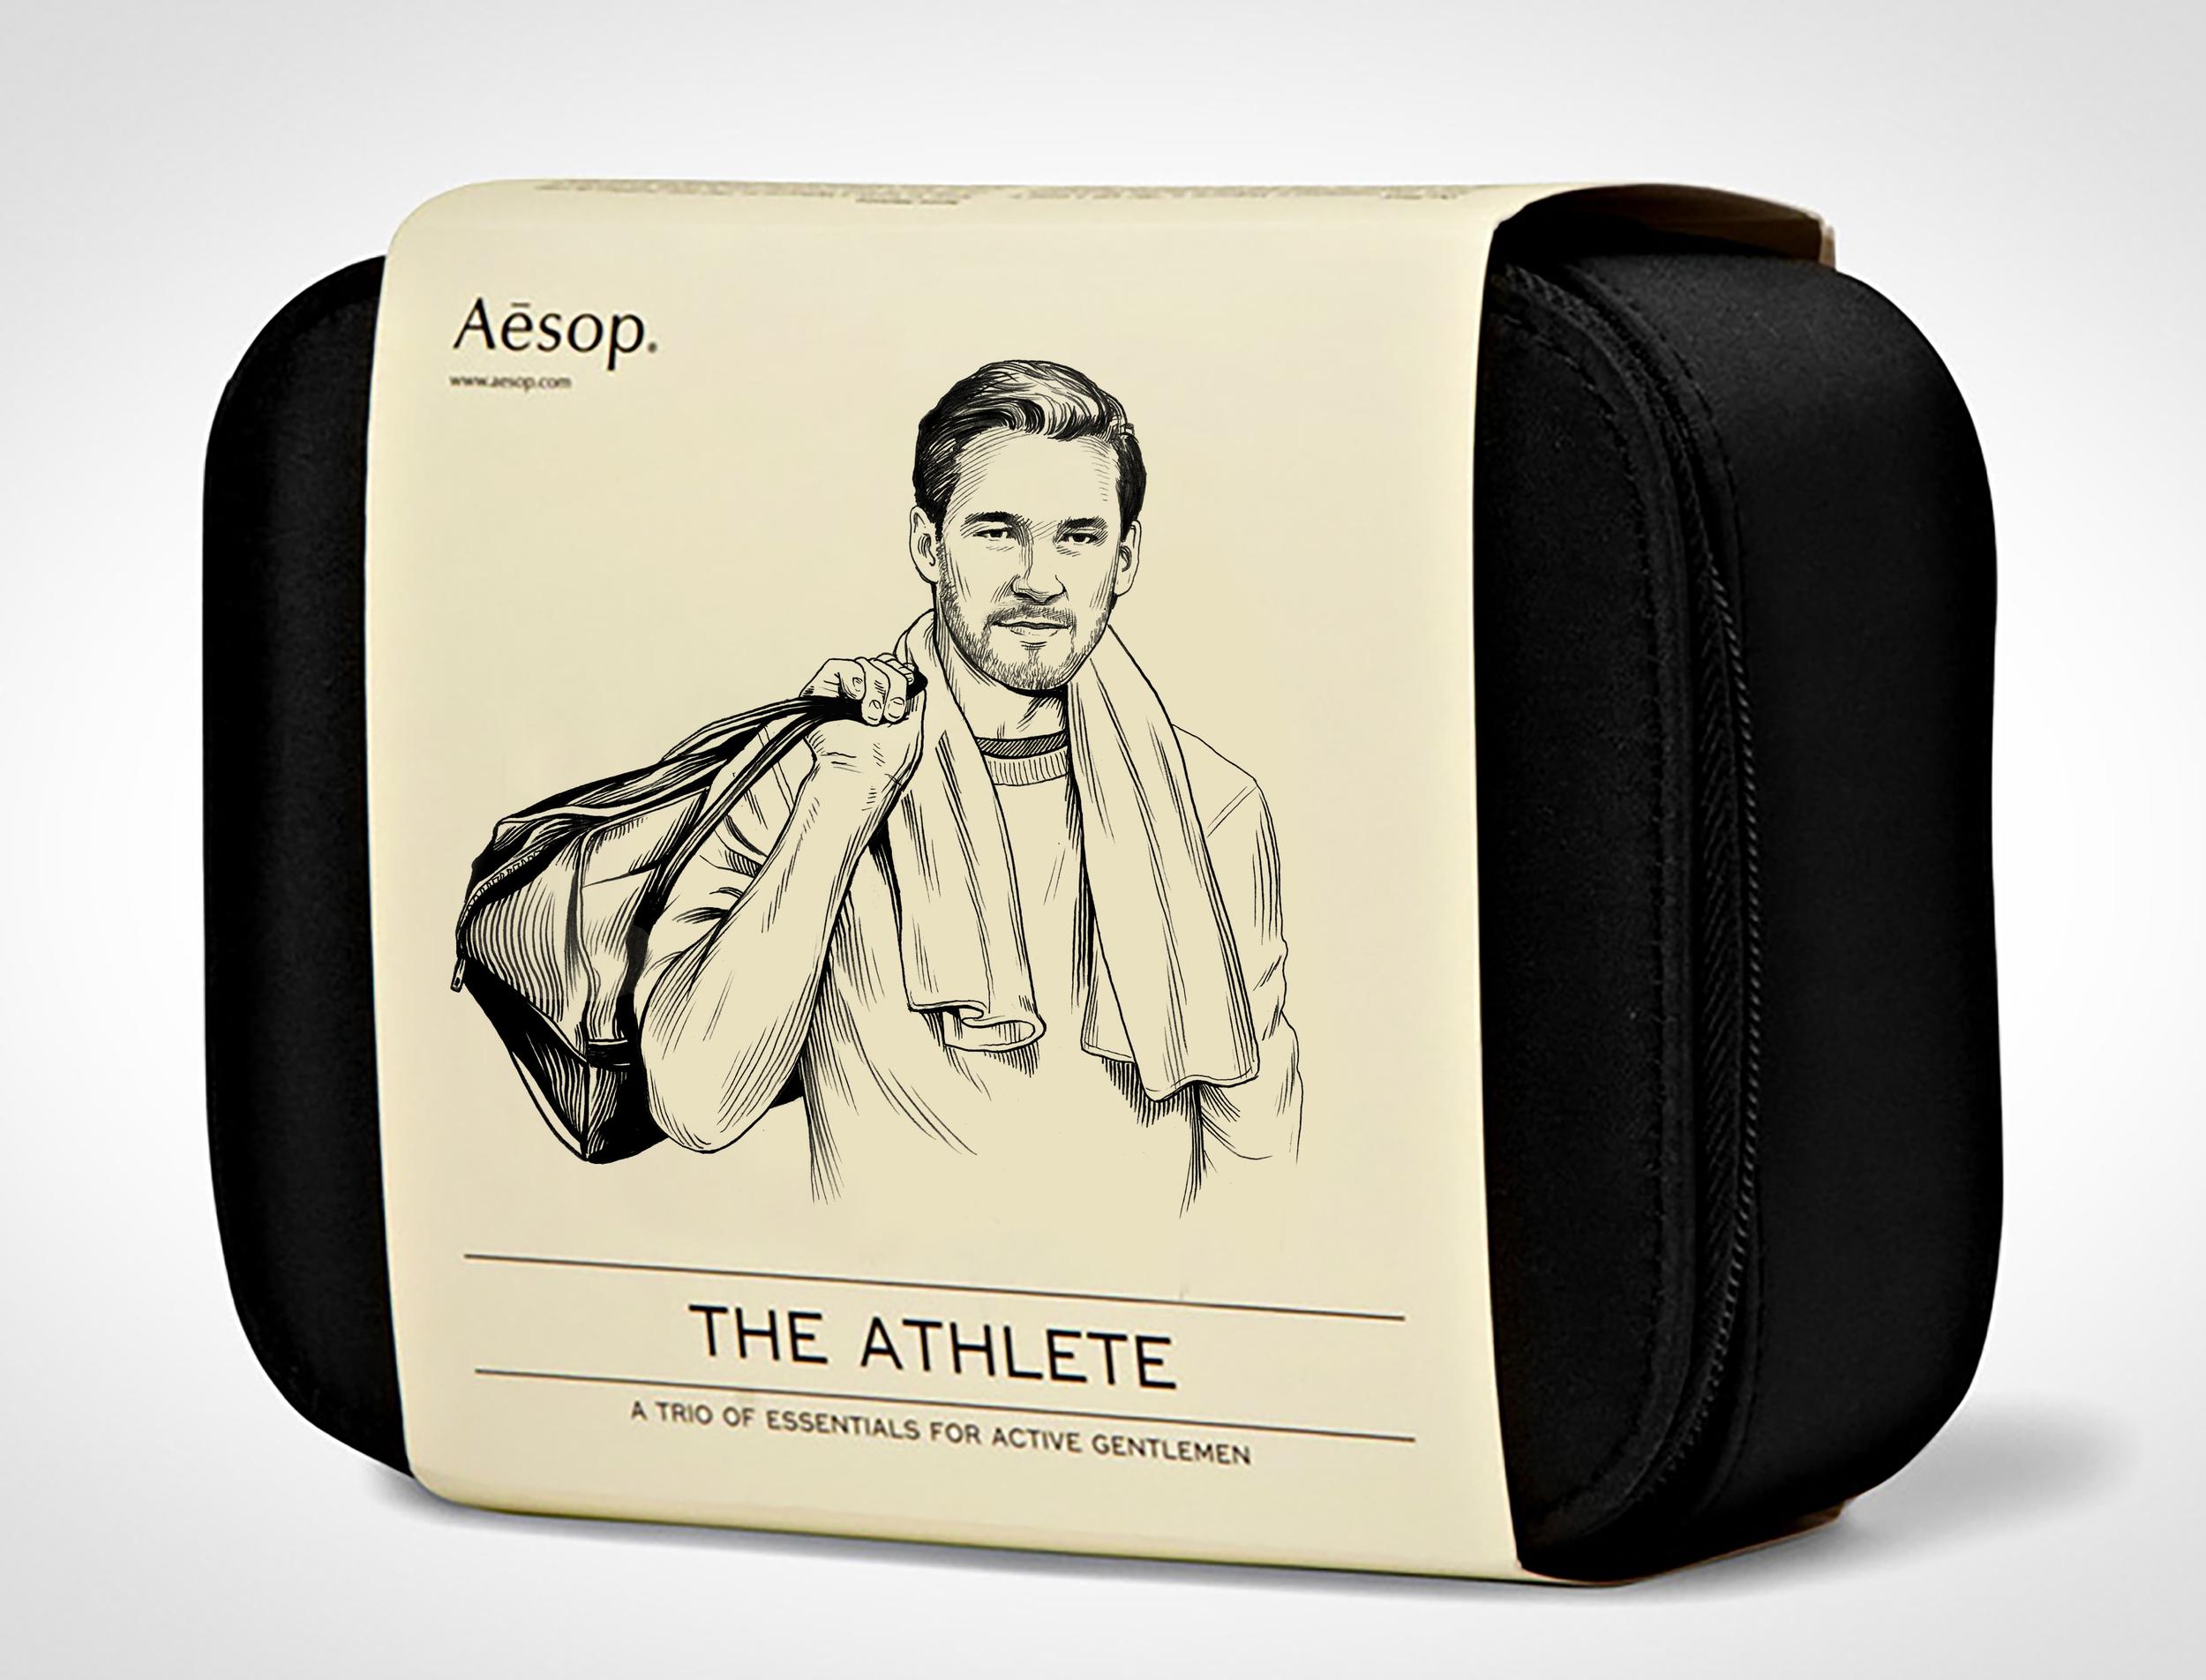 AESOP Dopp kit for men